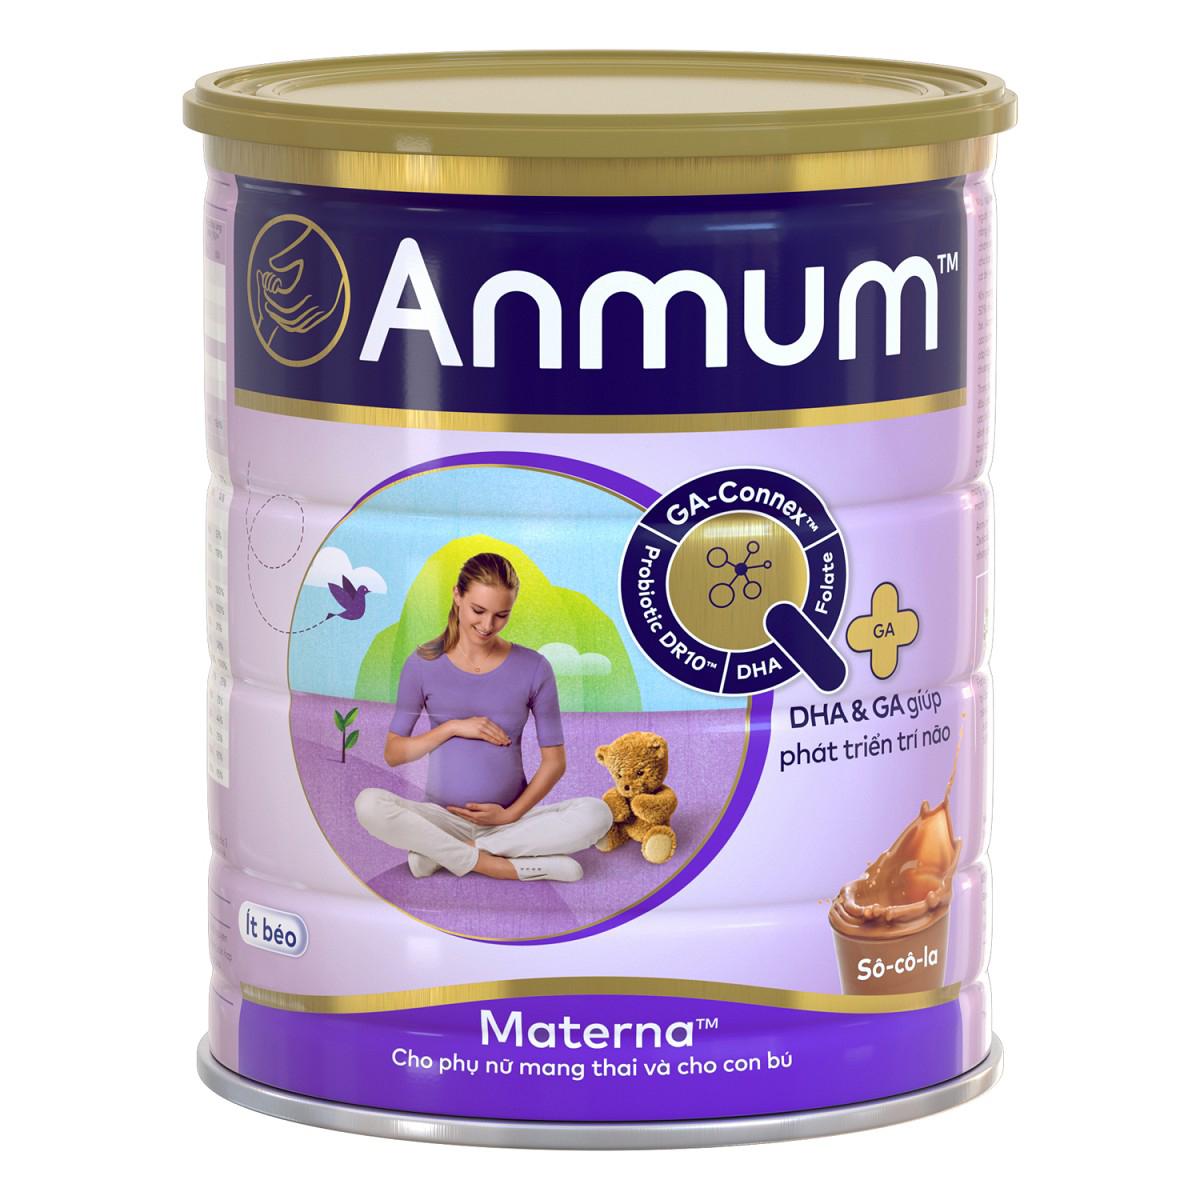 CRM - Sữa Bột Dành Cho Mẹ Bầu Anmum Materna Hương Chocolate (400g)